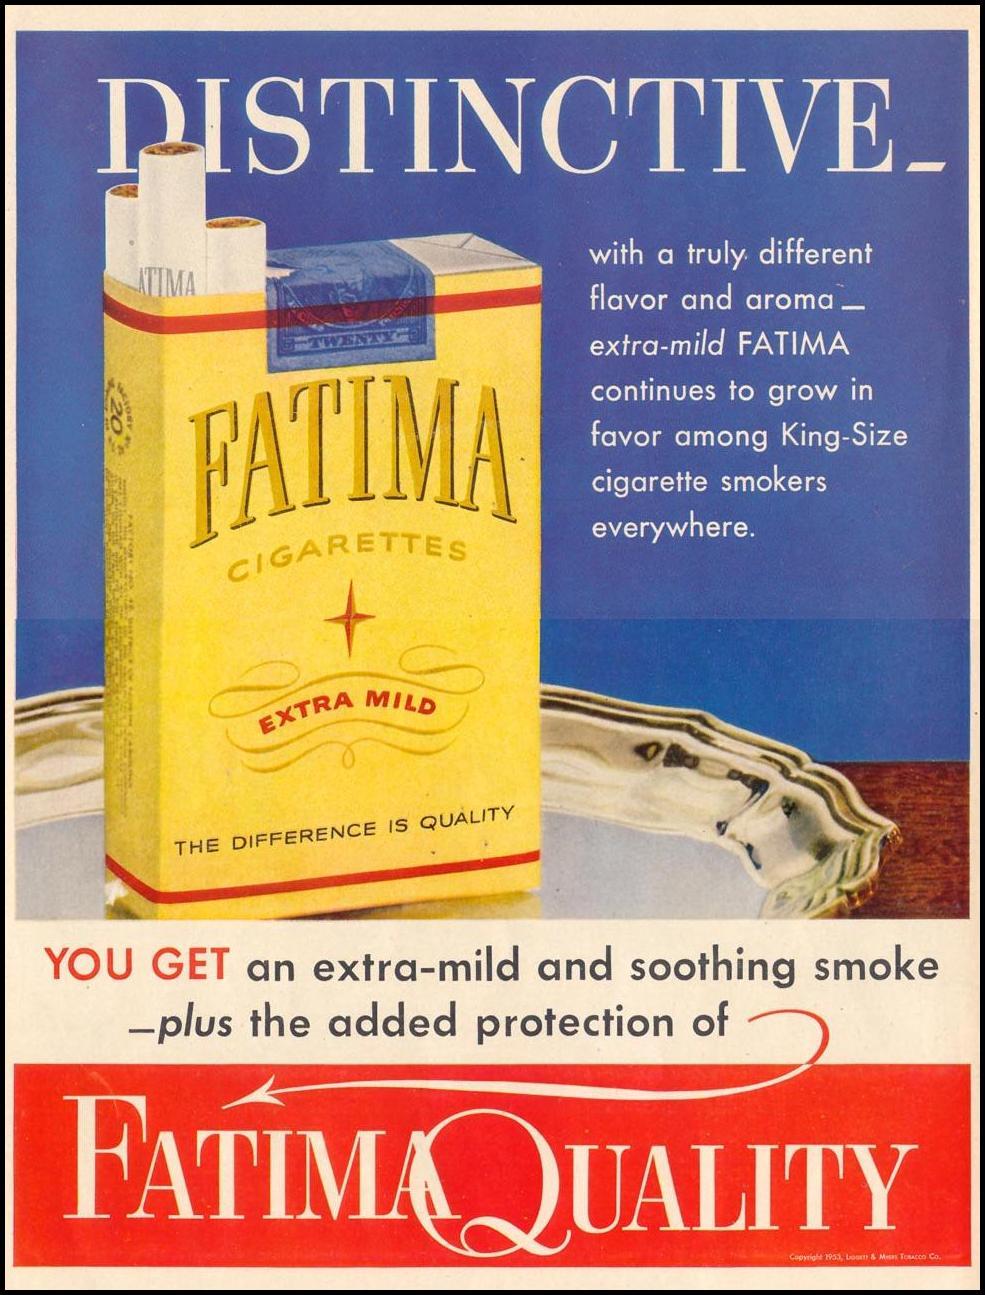 FATIMA CIGARETTES LIFE 02/02/1953 p. 6